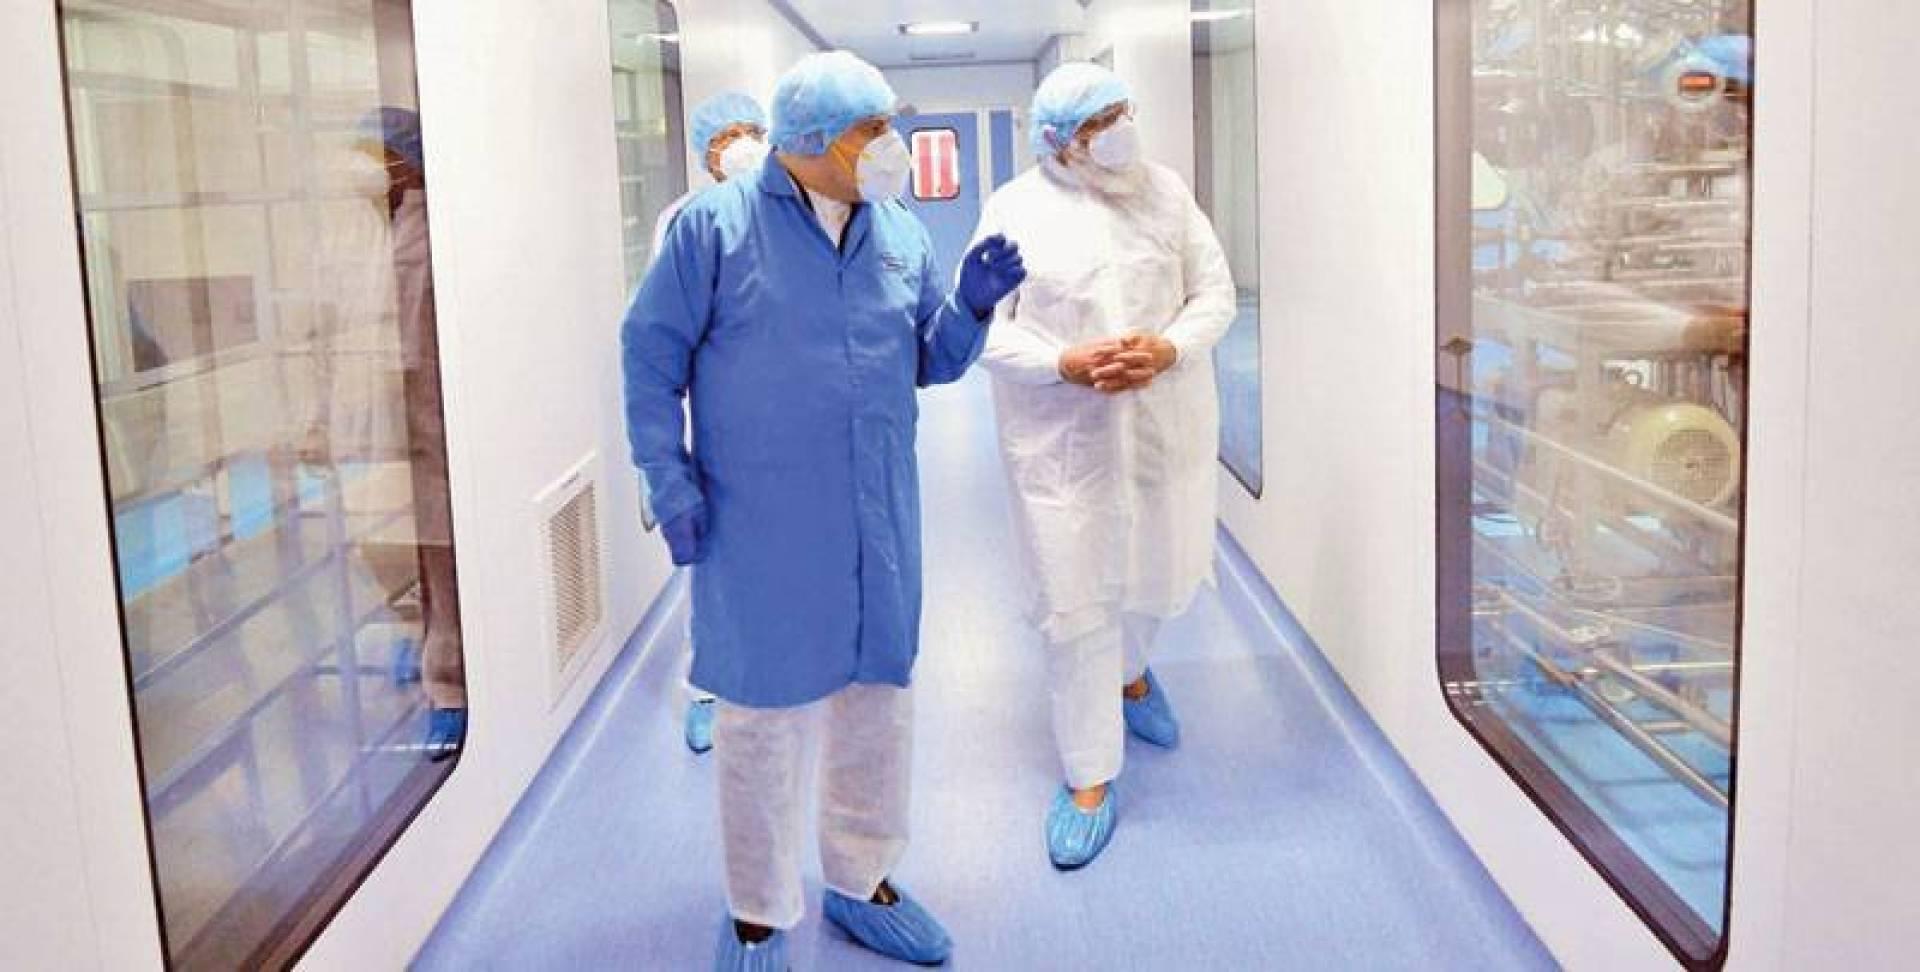 رئيس وزراء الهند ناريندرا مودي (يمين) يزور  منشأة لتصنيع اللقاحات في مدينة أحمد آباد (أ ف ب)